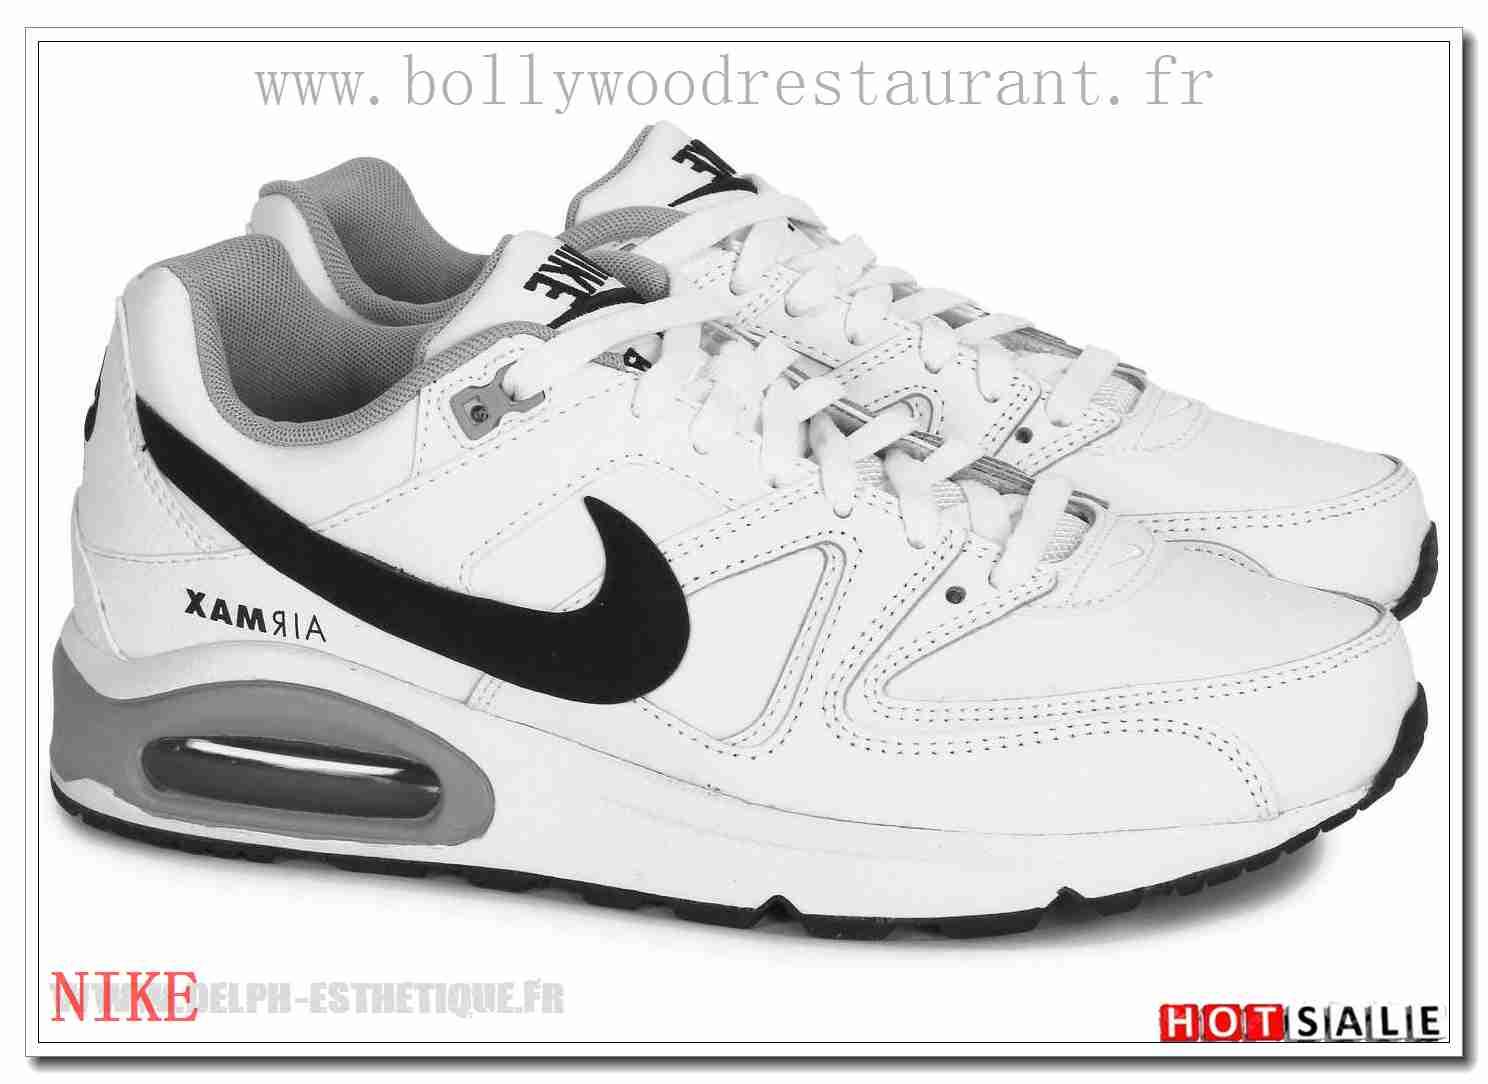 official photos 21ac7 ea5e3 HC0992 Achat Pas Cher Mondiaux 2018 Nouveau style Nike Air Max Command -  Homme Chaussures -